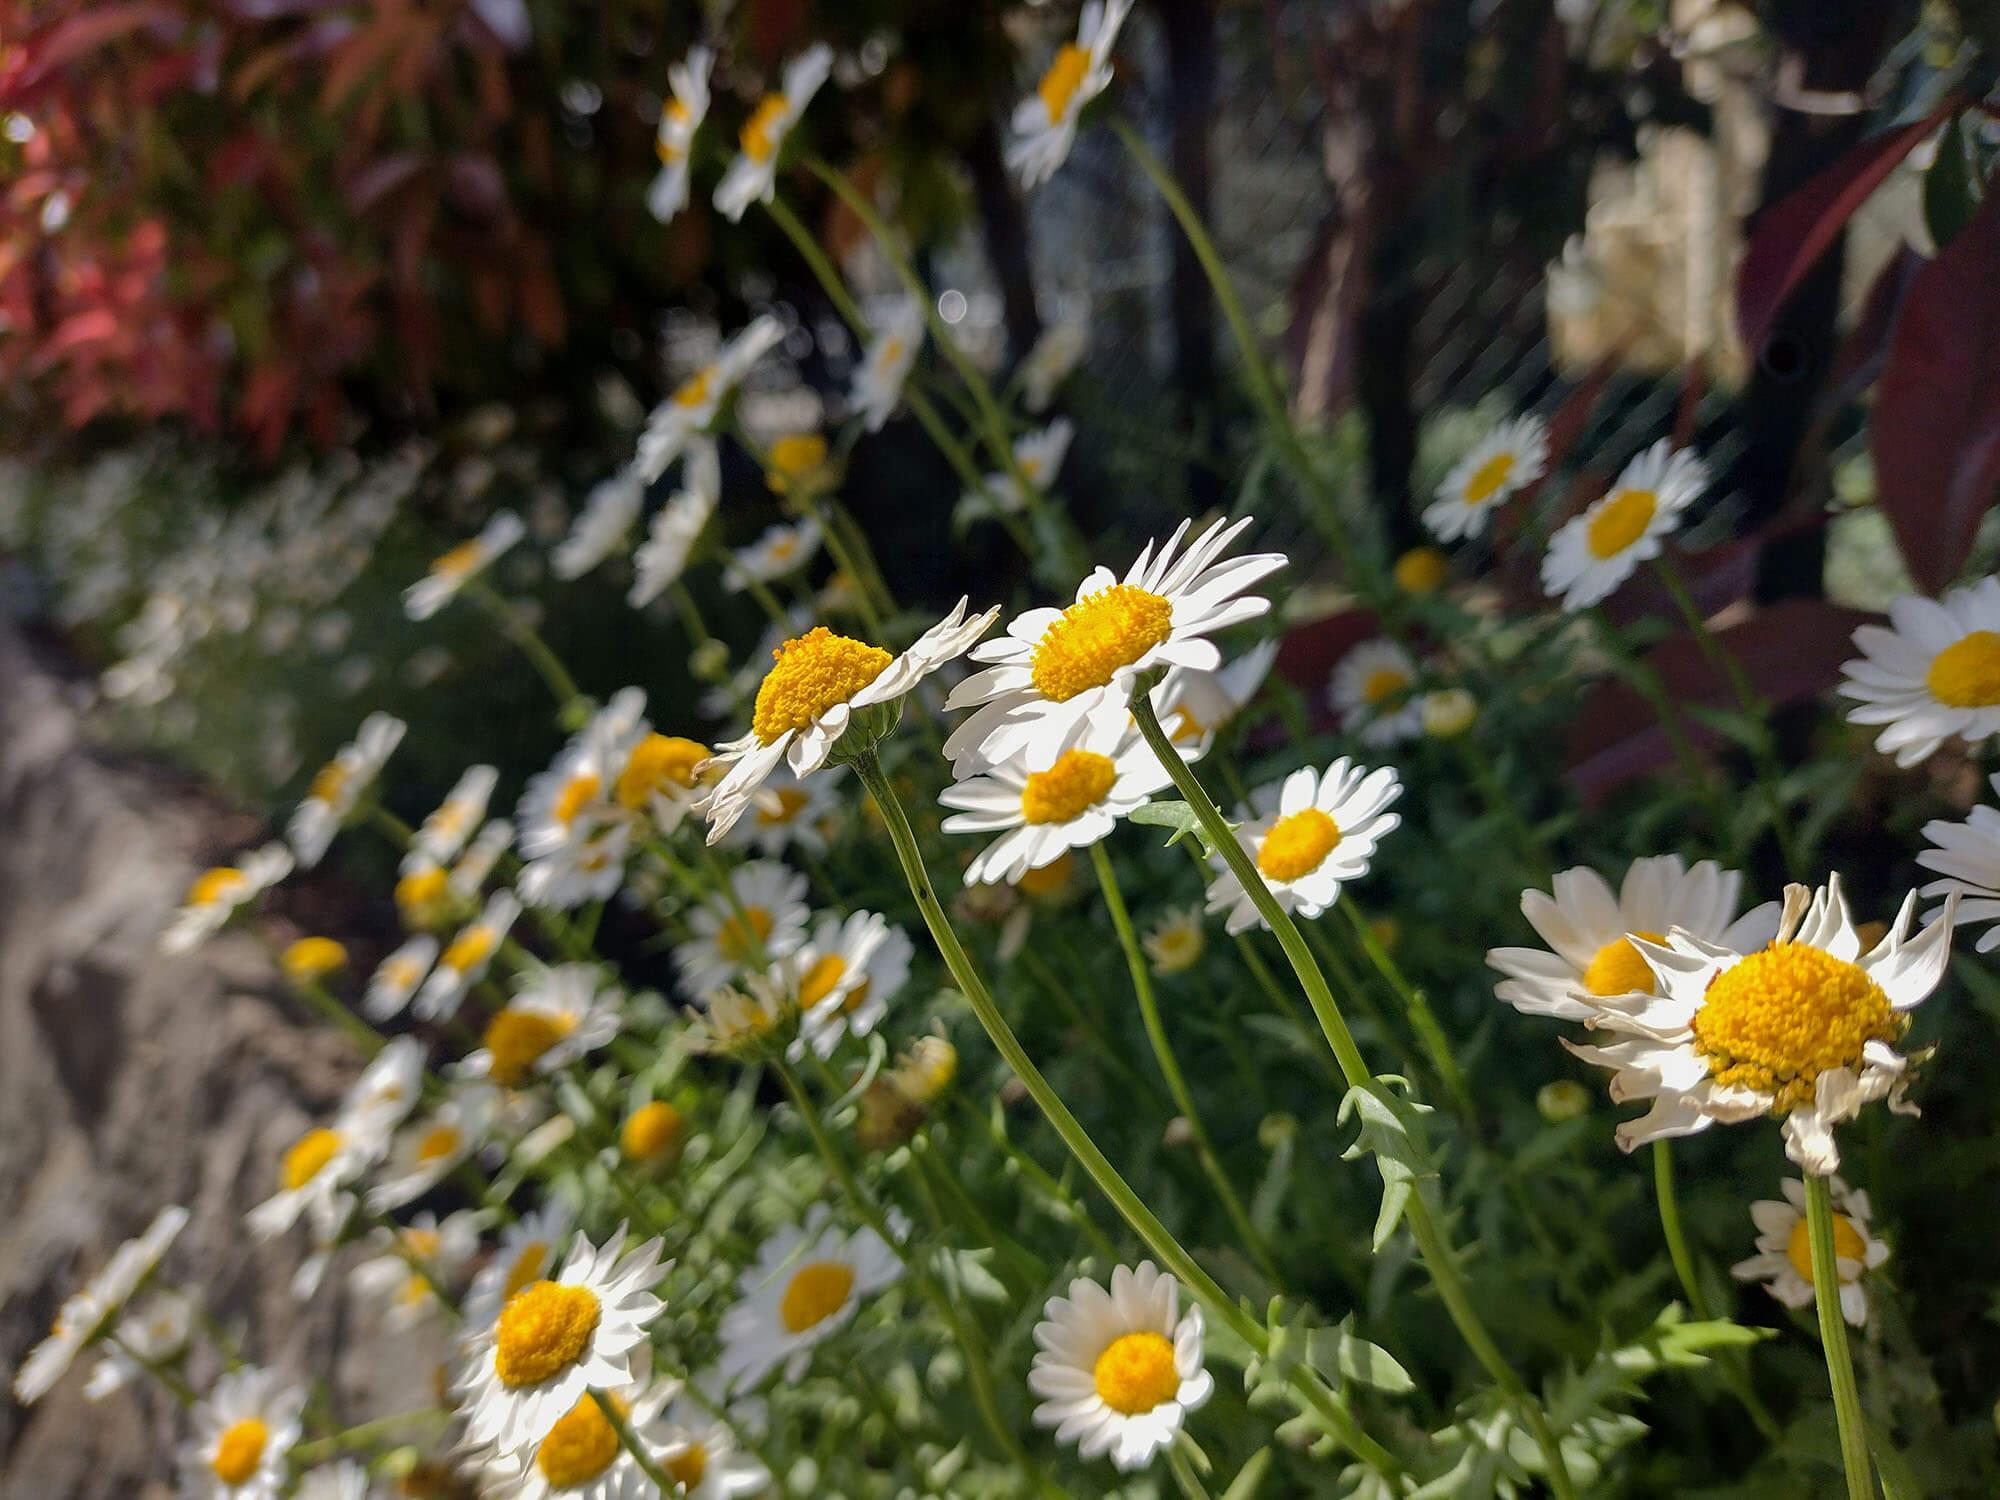 moto g30で撮影した白い花の写真